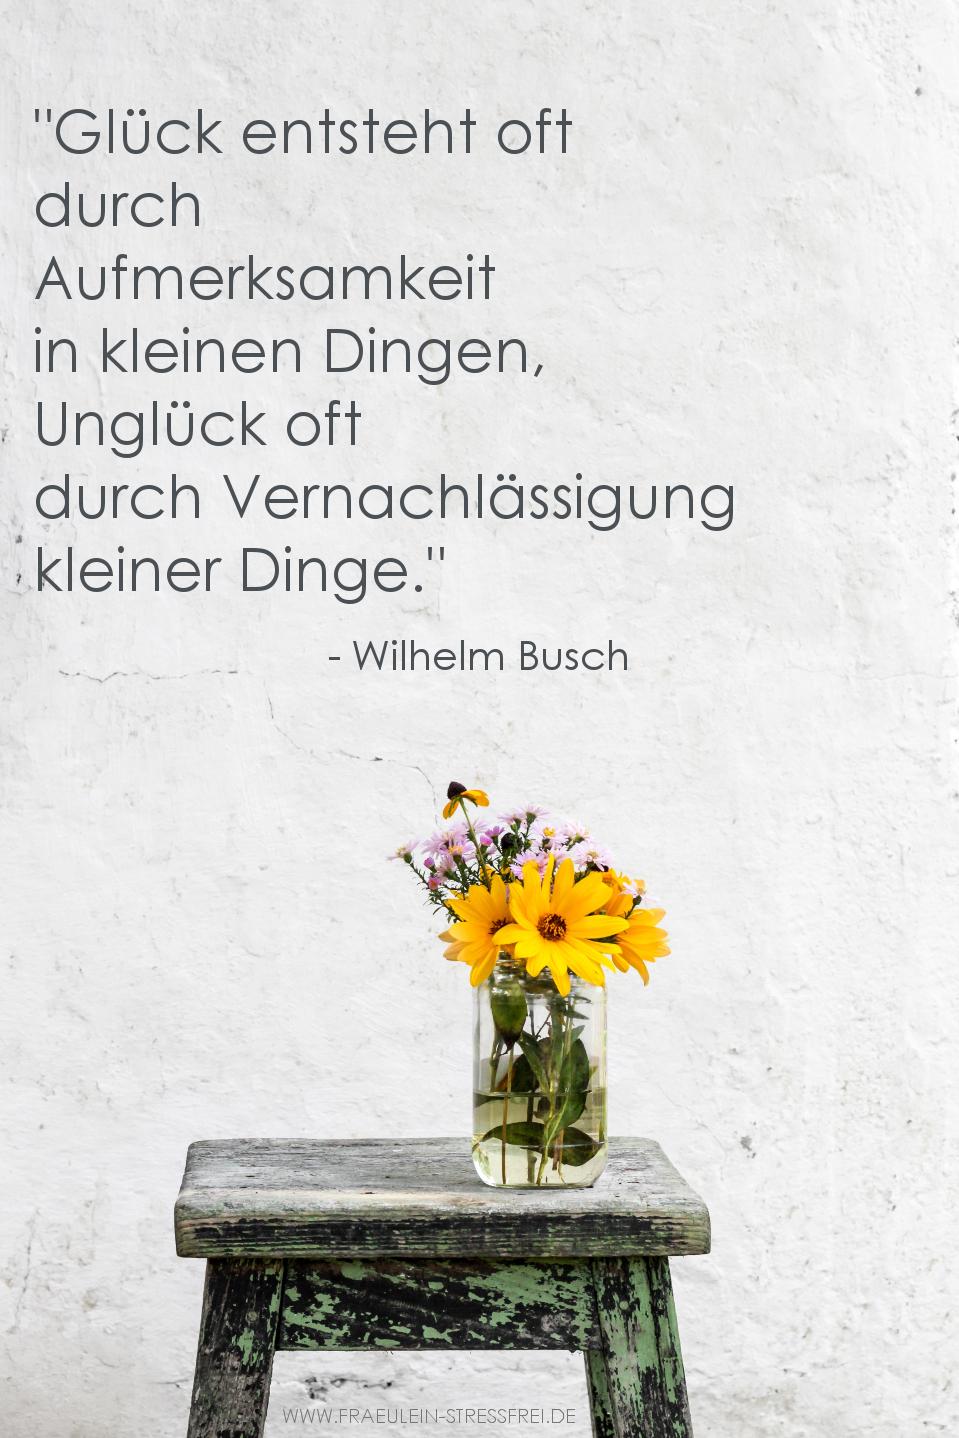 Glück entsteht oft durch Aufmerksamkeit in kleinen Dingen, Unglück oft durch Vernachlässigung kleiner Dinge. Wilhelm Busch